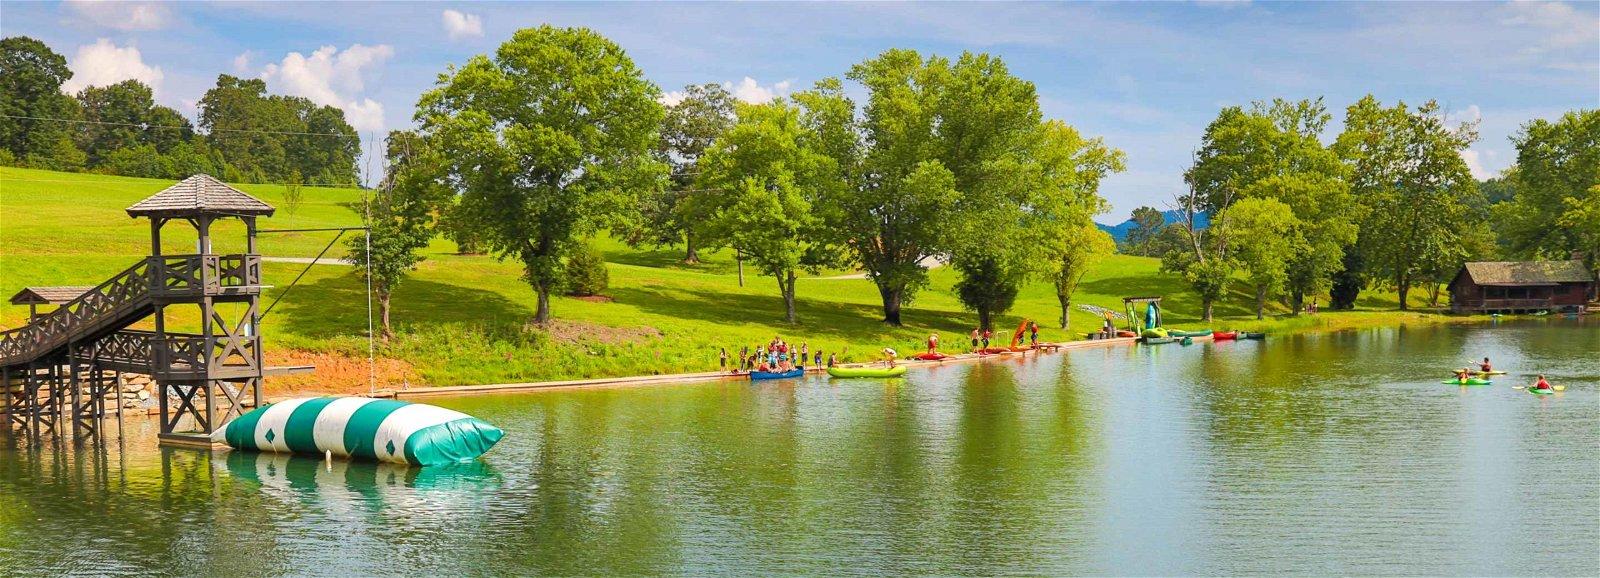 Camp Timberlake waterfront and Wibit